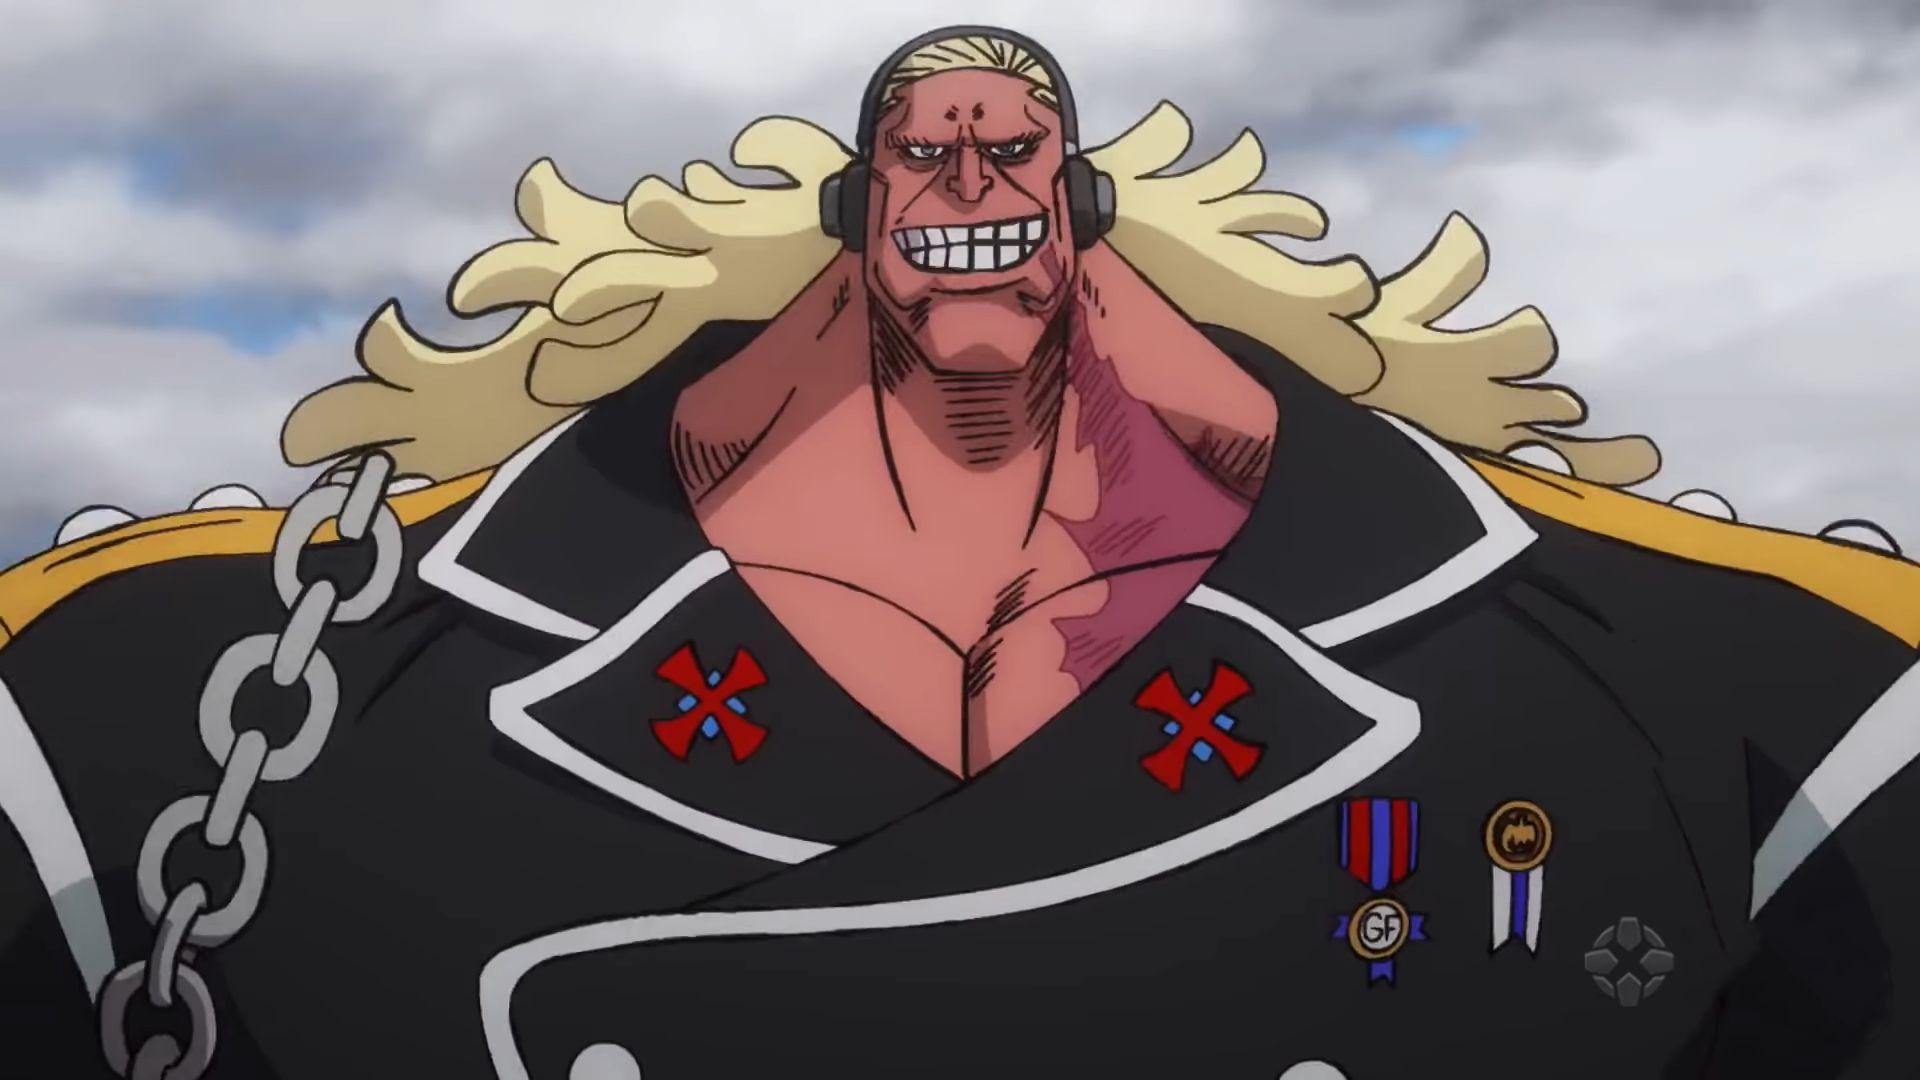 Addio a Roberto Draghetti, voce di Douglas Bullet in One Piece ...